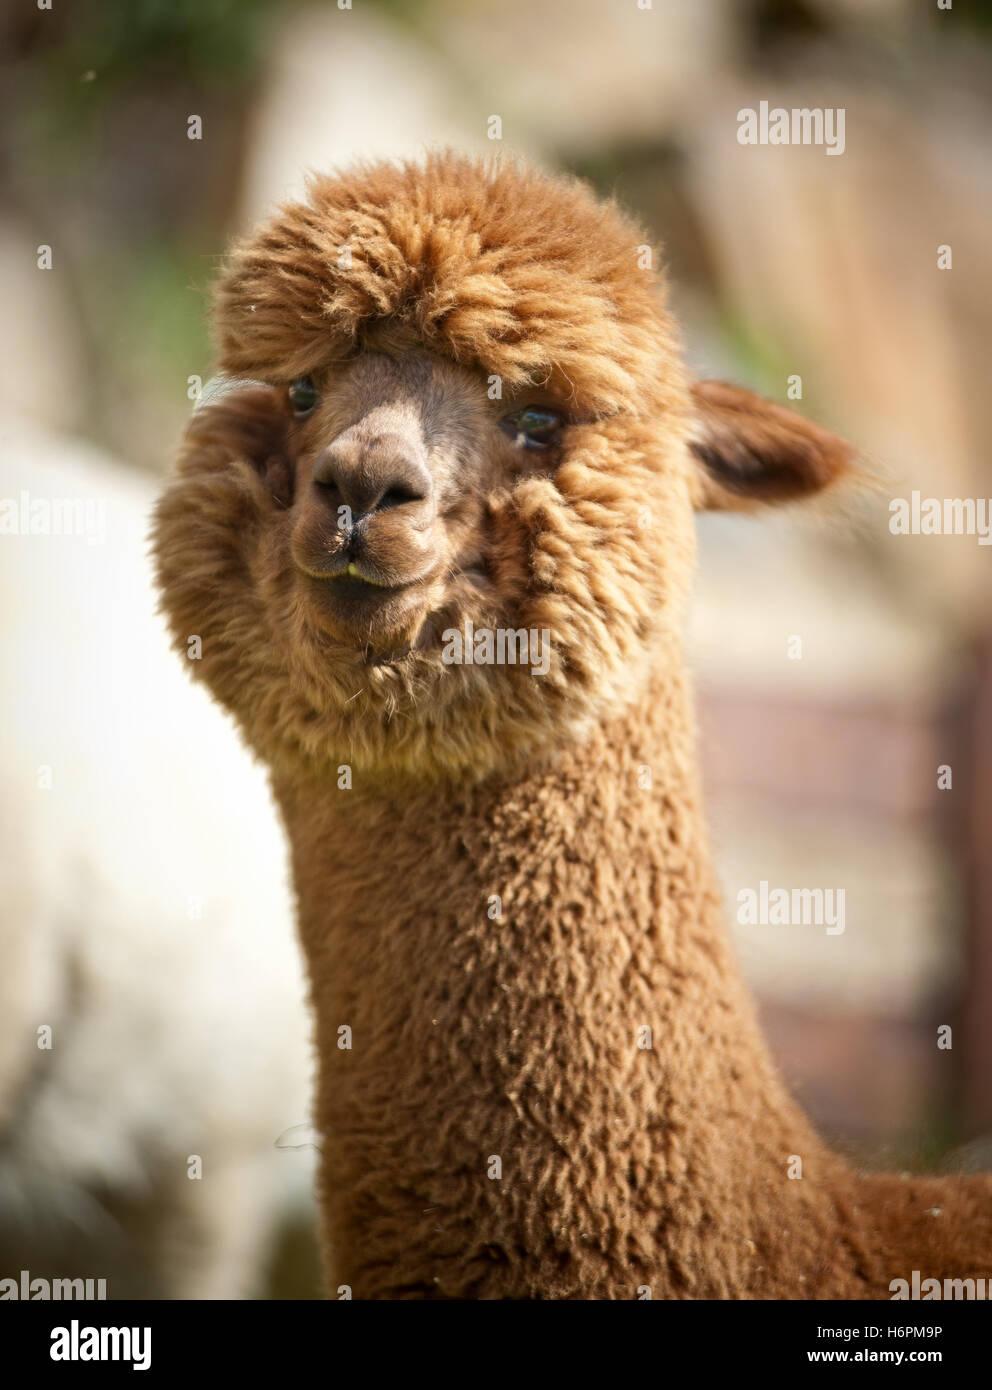 Chiudere singolo bruno marrone brunette uno alpaca testa soffici dettaglio Tempo libero Tempo libero Tempo libero Immagini Stock